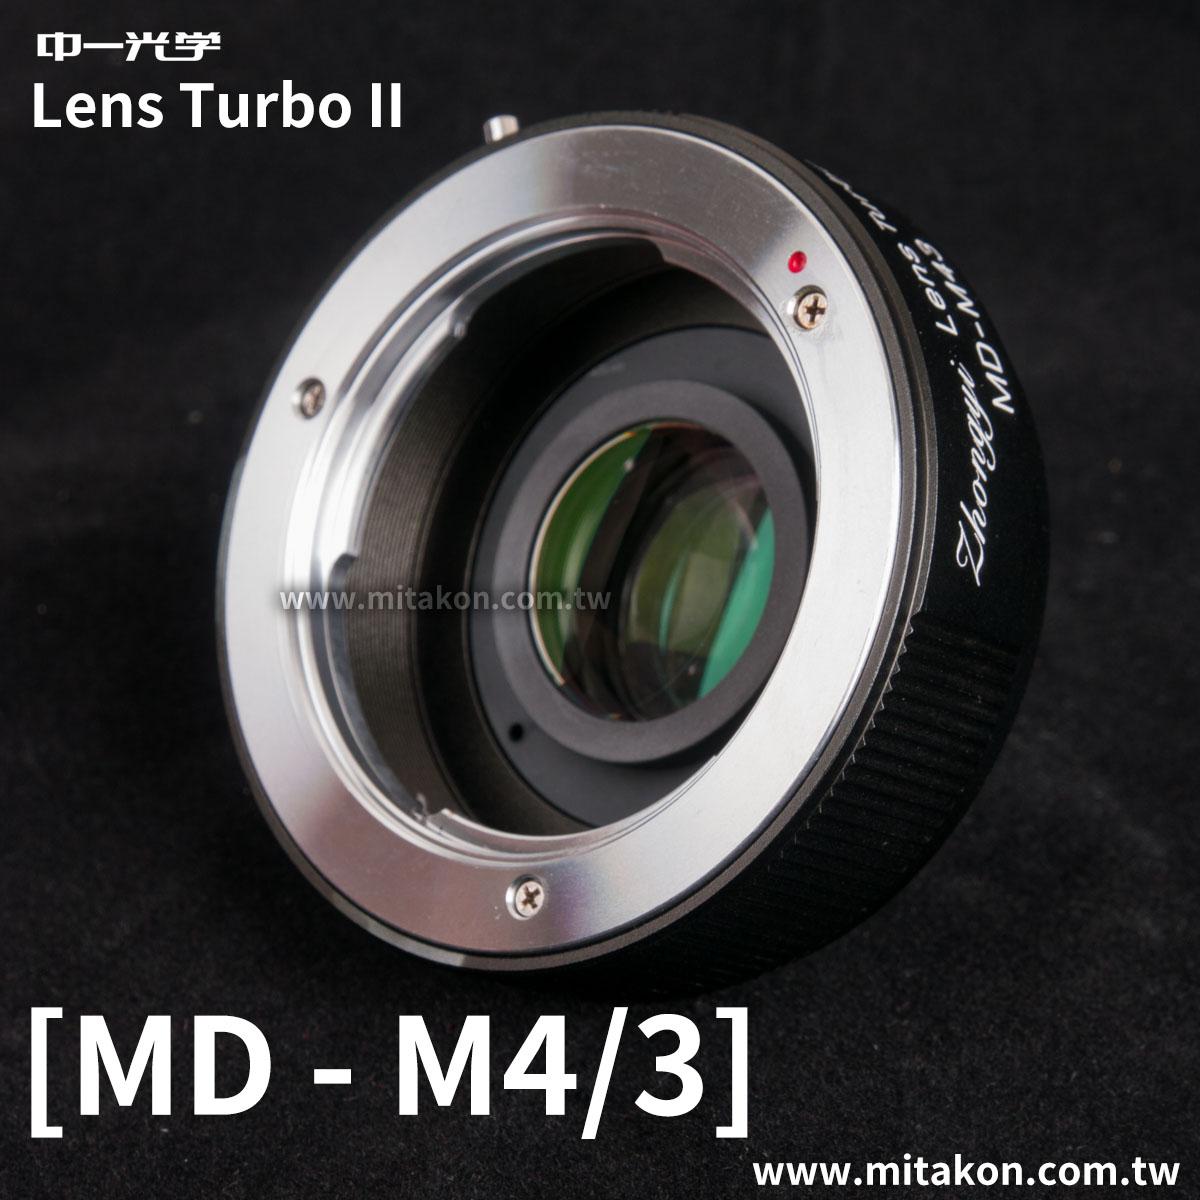 [享樂攝影] 中一光學 Lens Turbo II 2代減焦環 Minolta MD MC 鏡頭 轉 M4/3相機 Micro 4/3 M43 減焦增光環廣角轉接環 PEN-F GM5 GF6 GH4 EM10 EM1